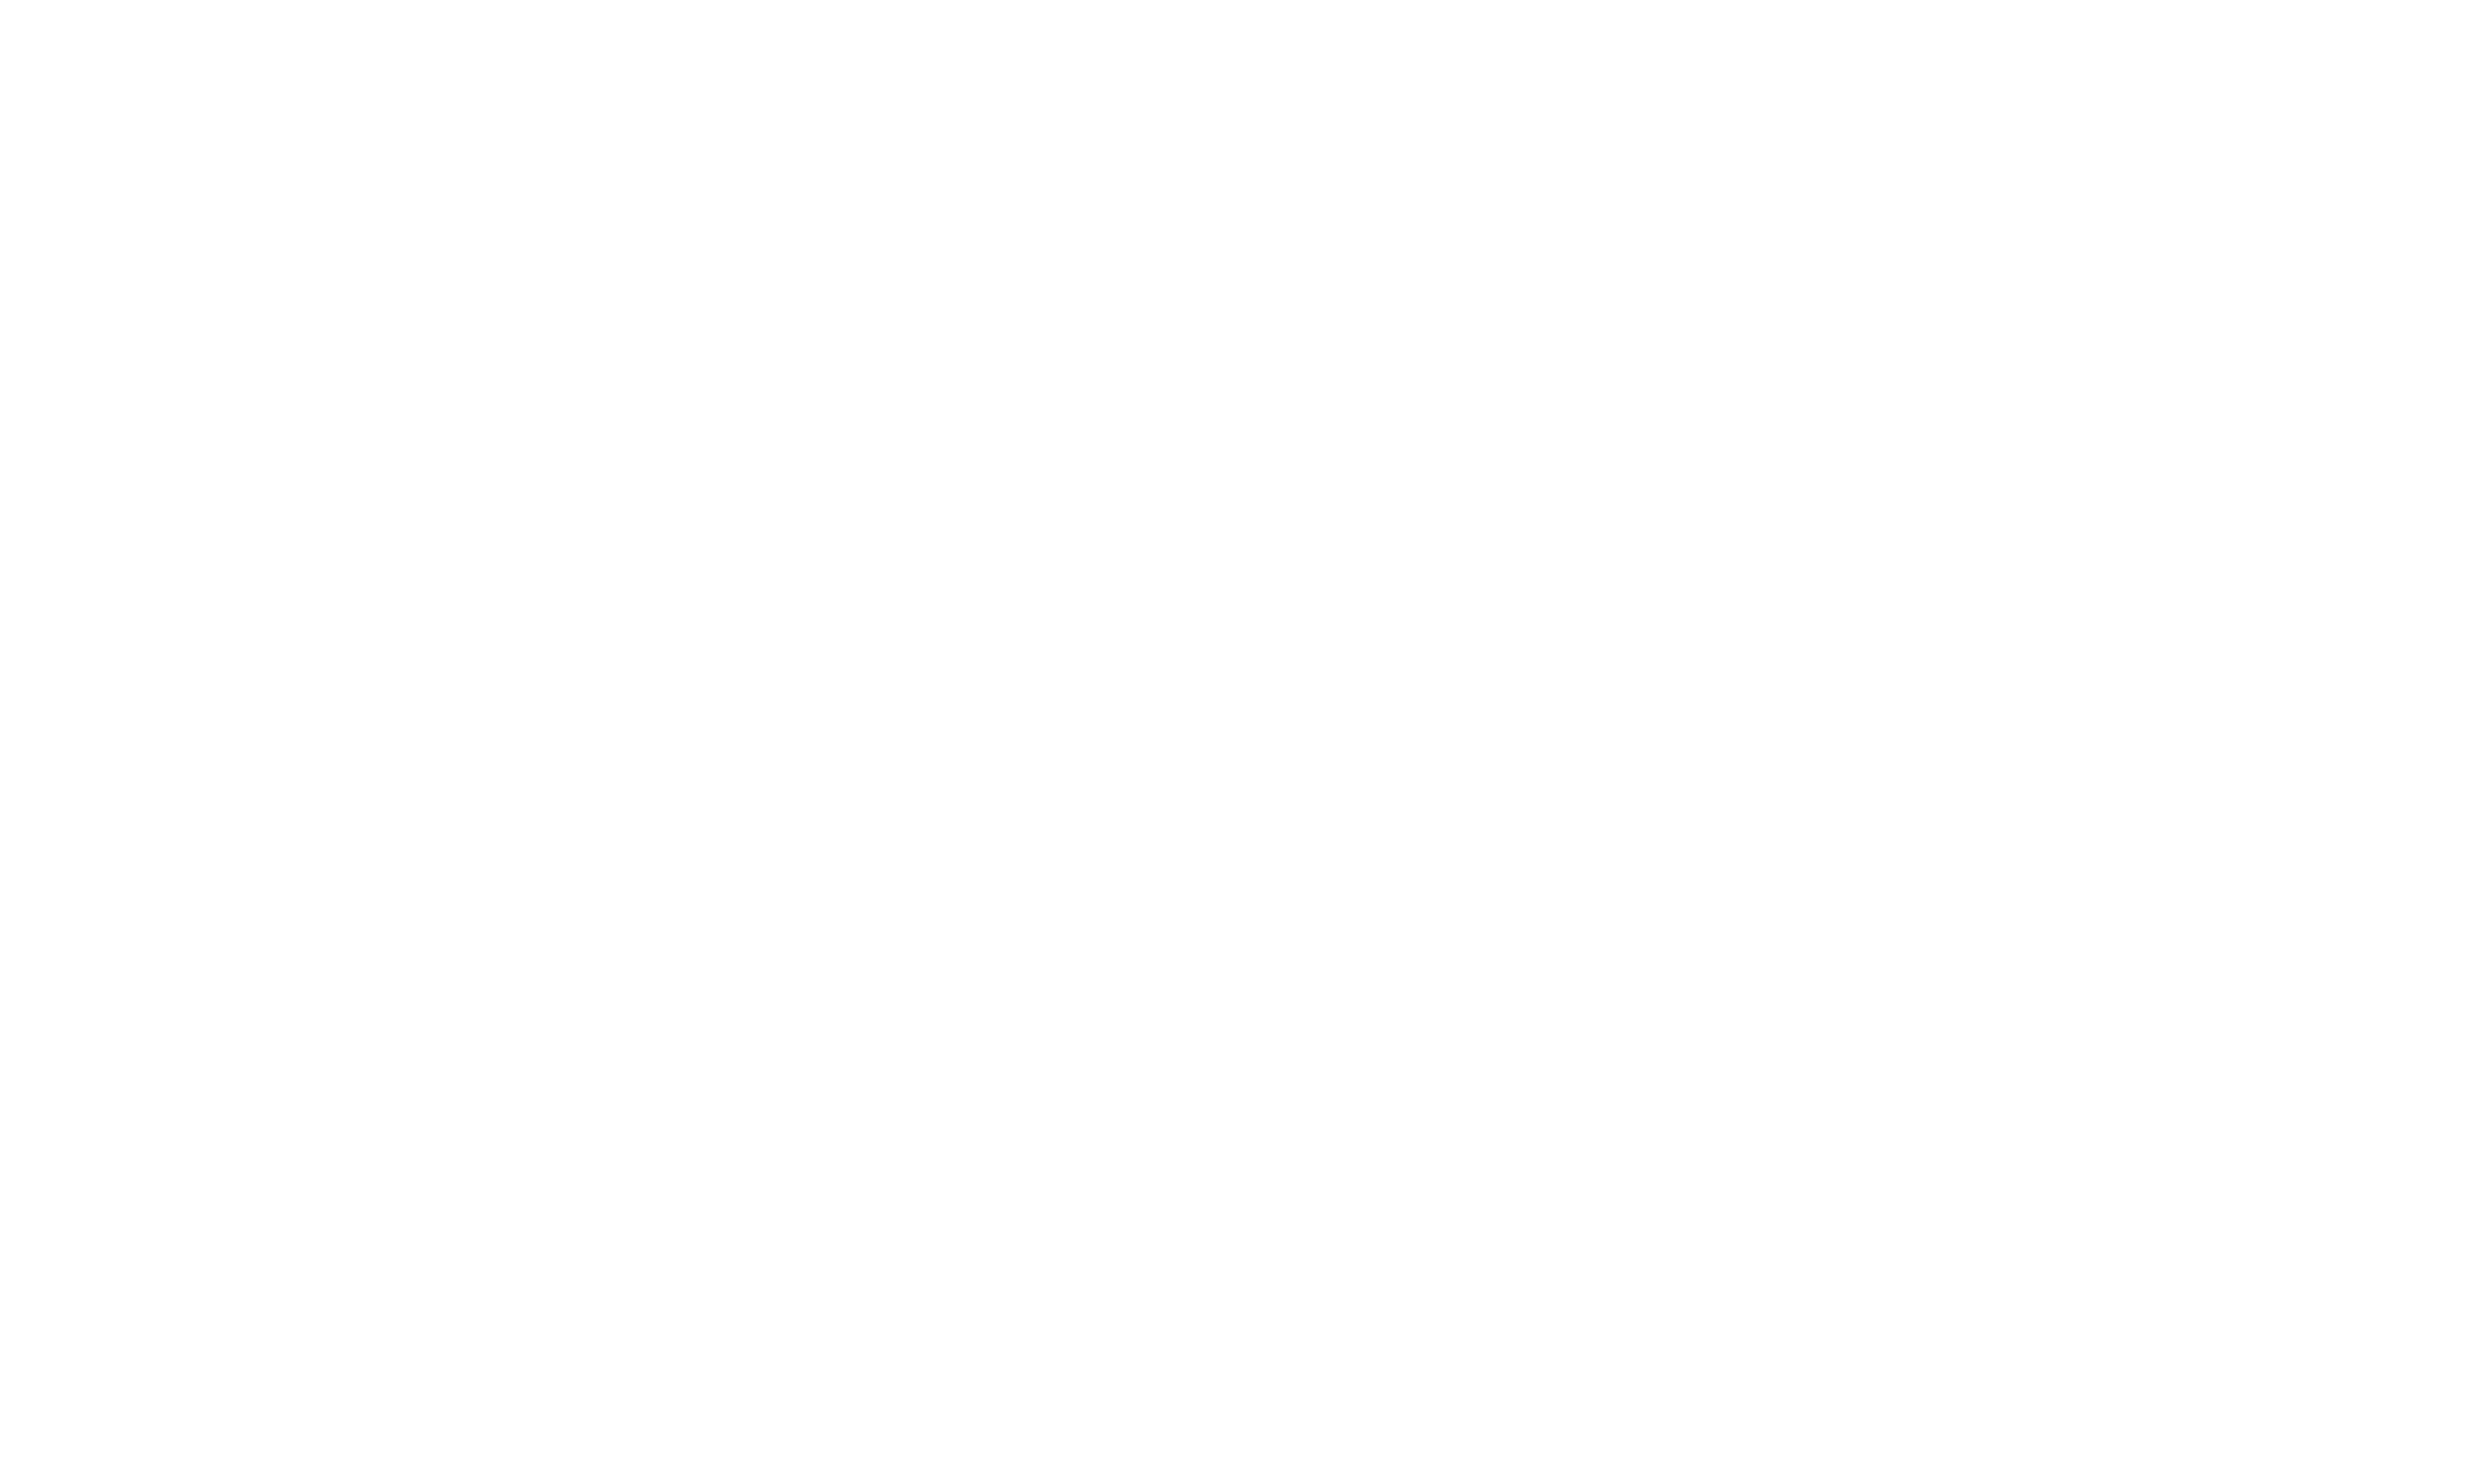 3D & photomontage